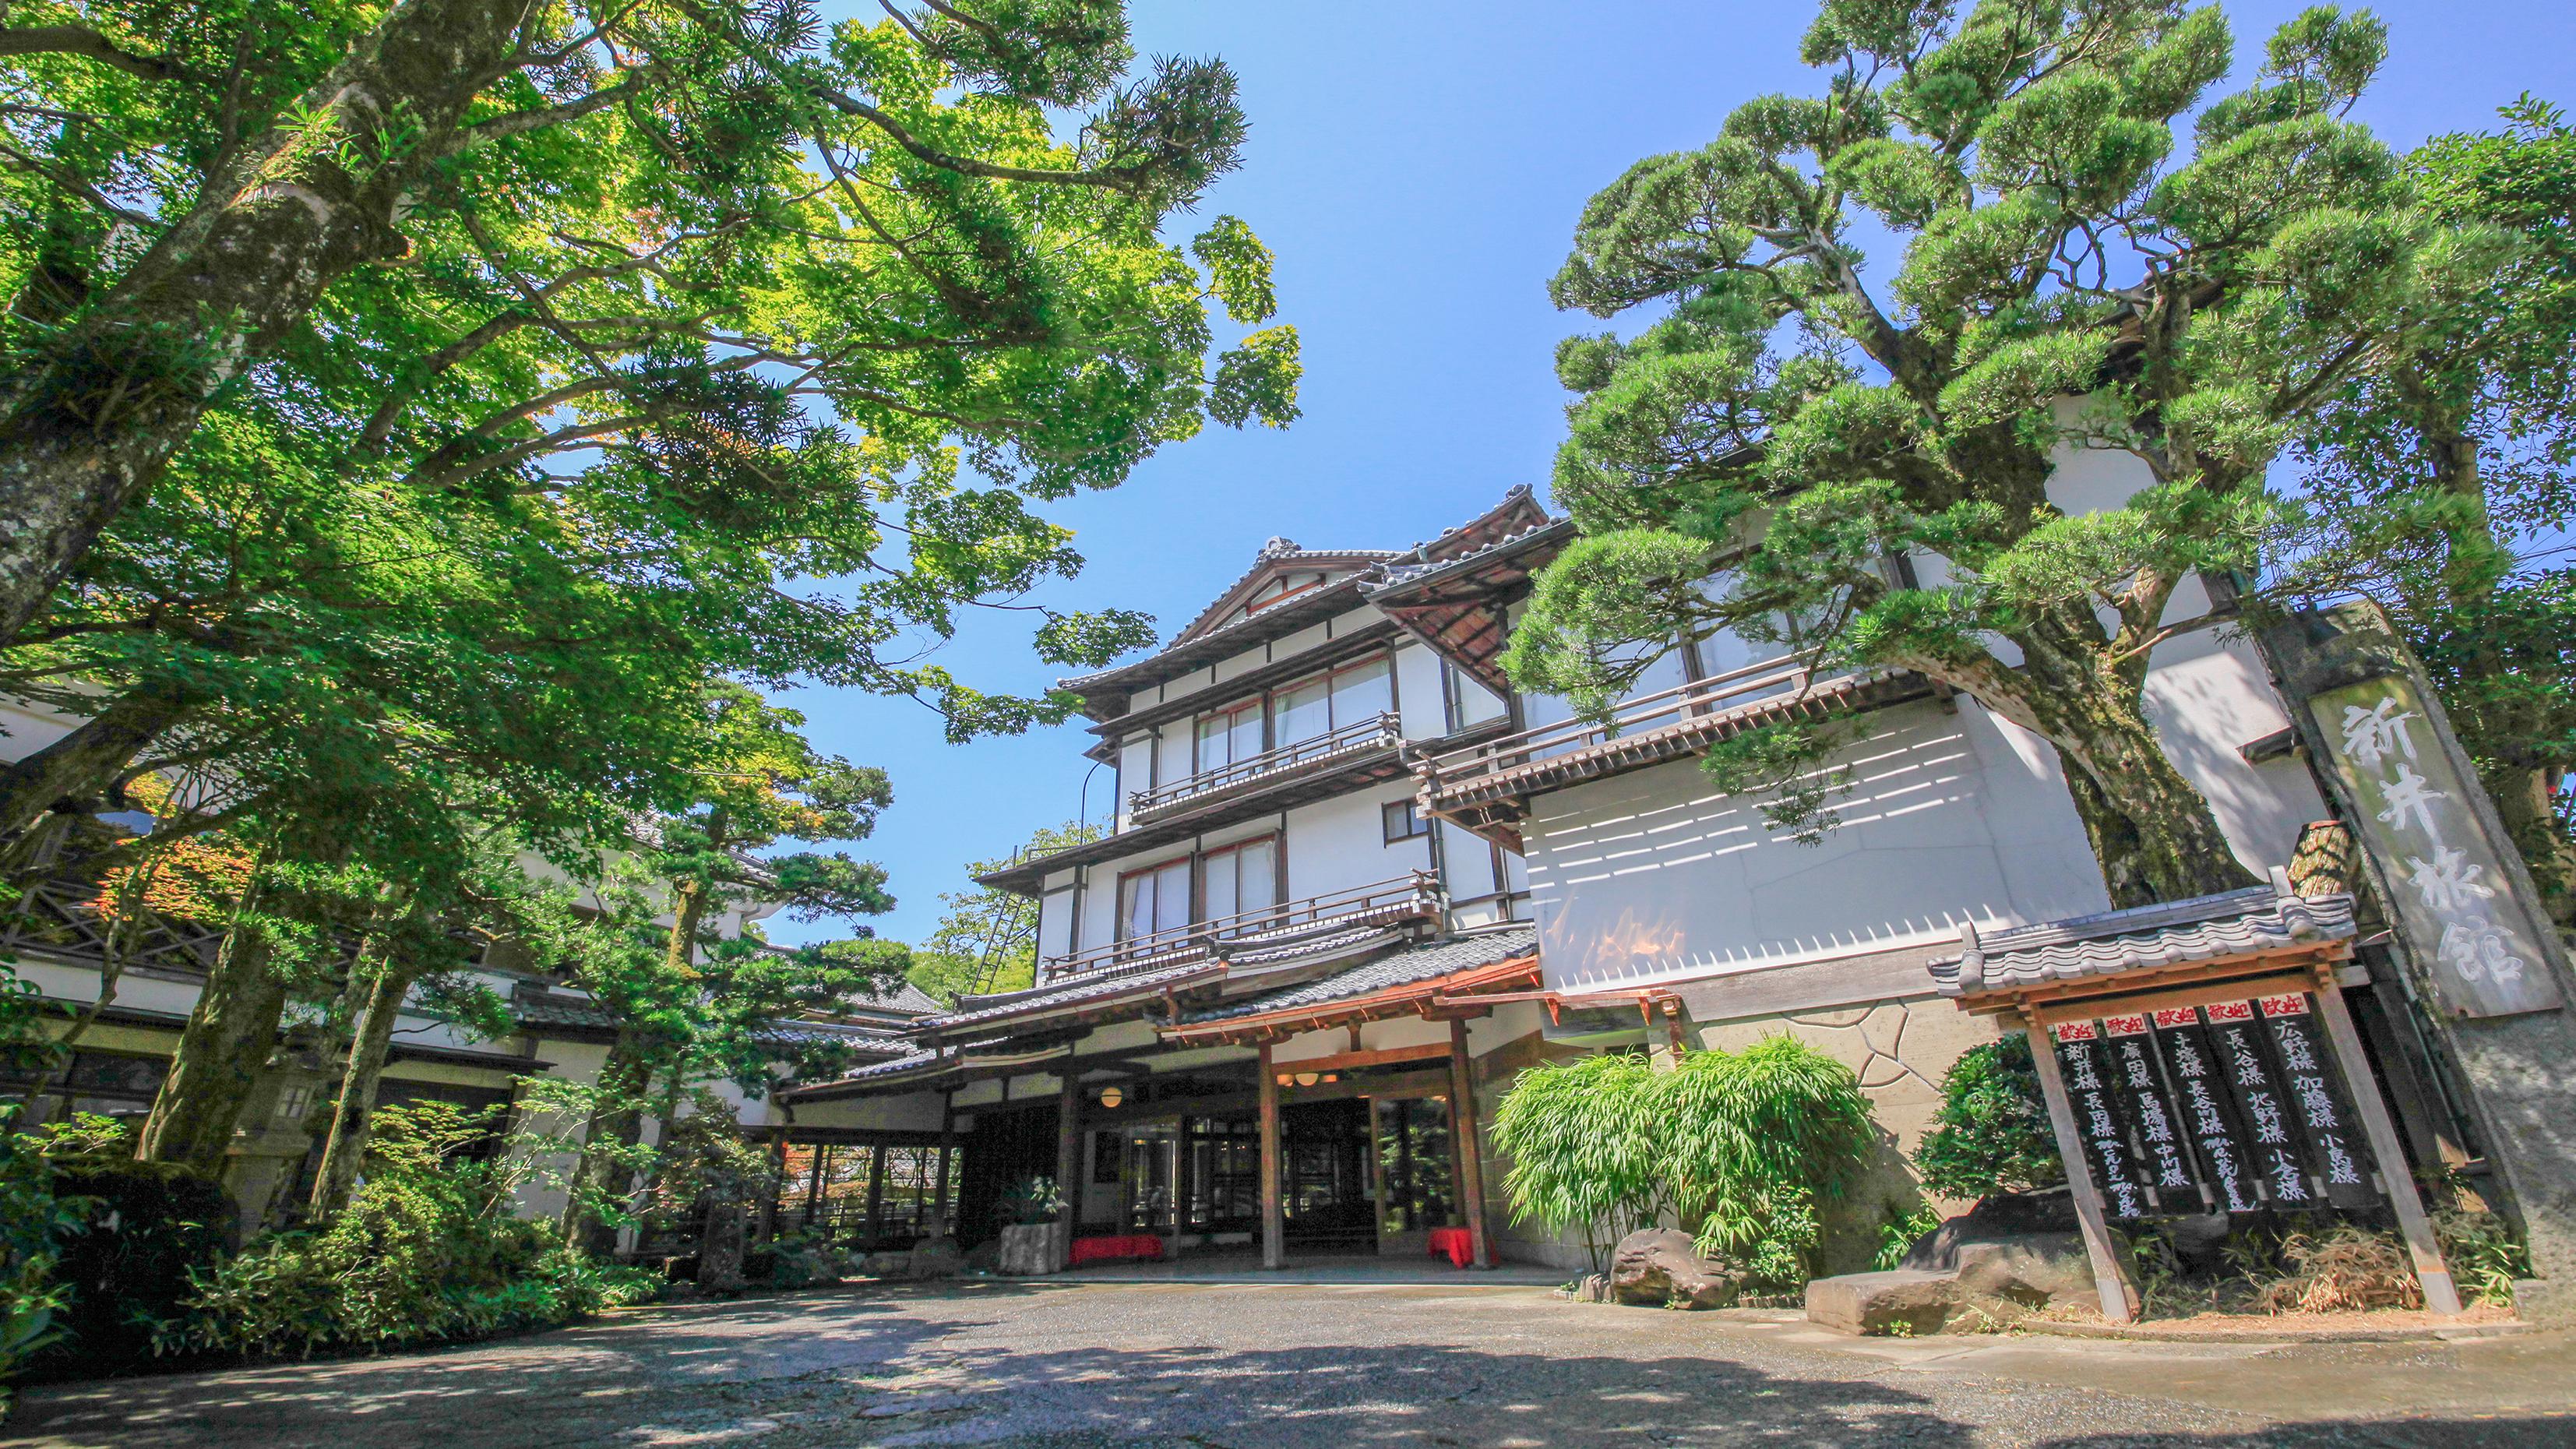 夫婦でおいしい和食が食べられる修善寺温泉の宿を教えてください